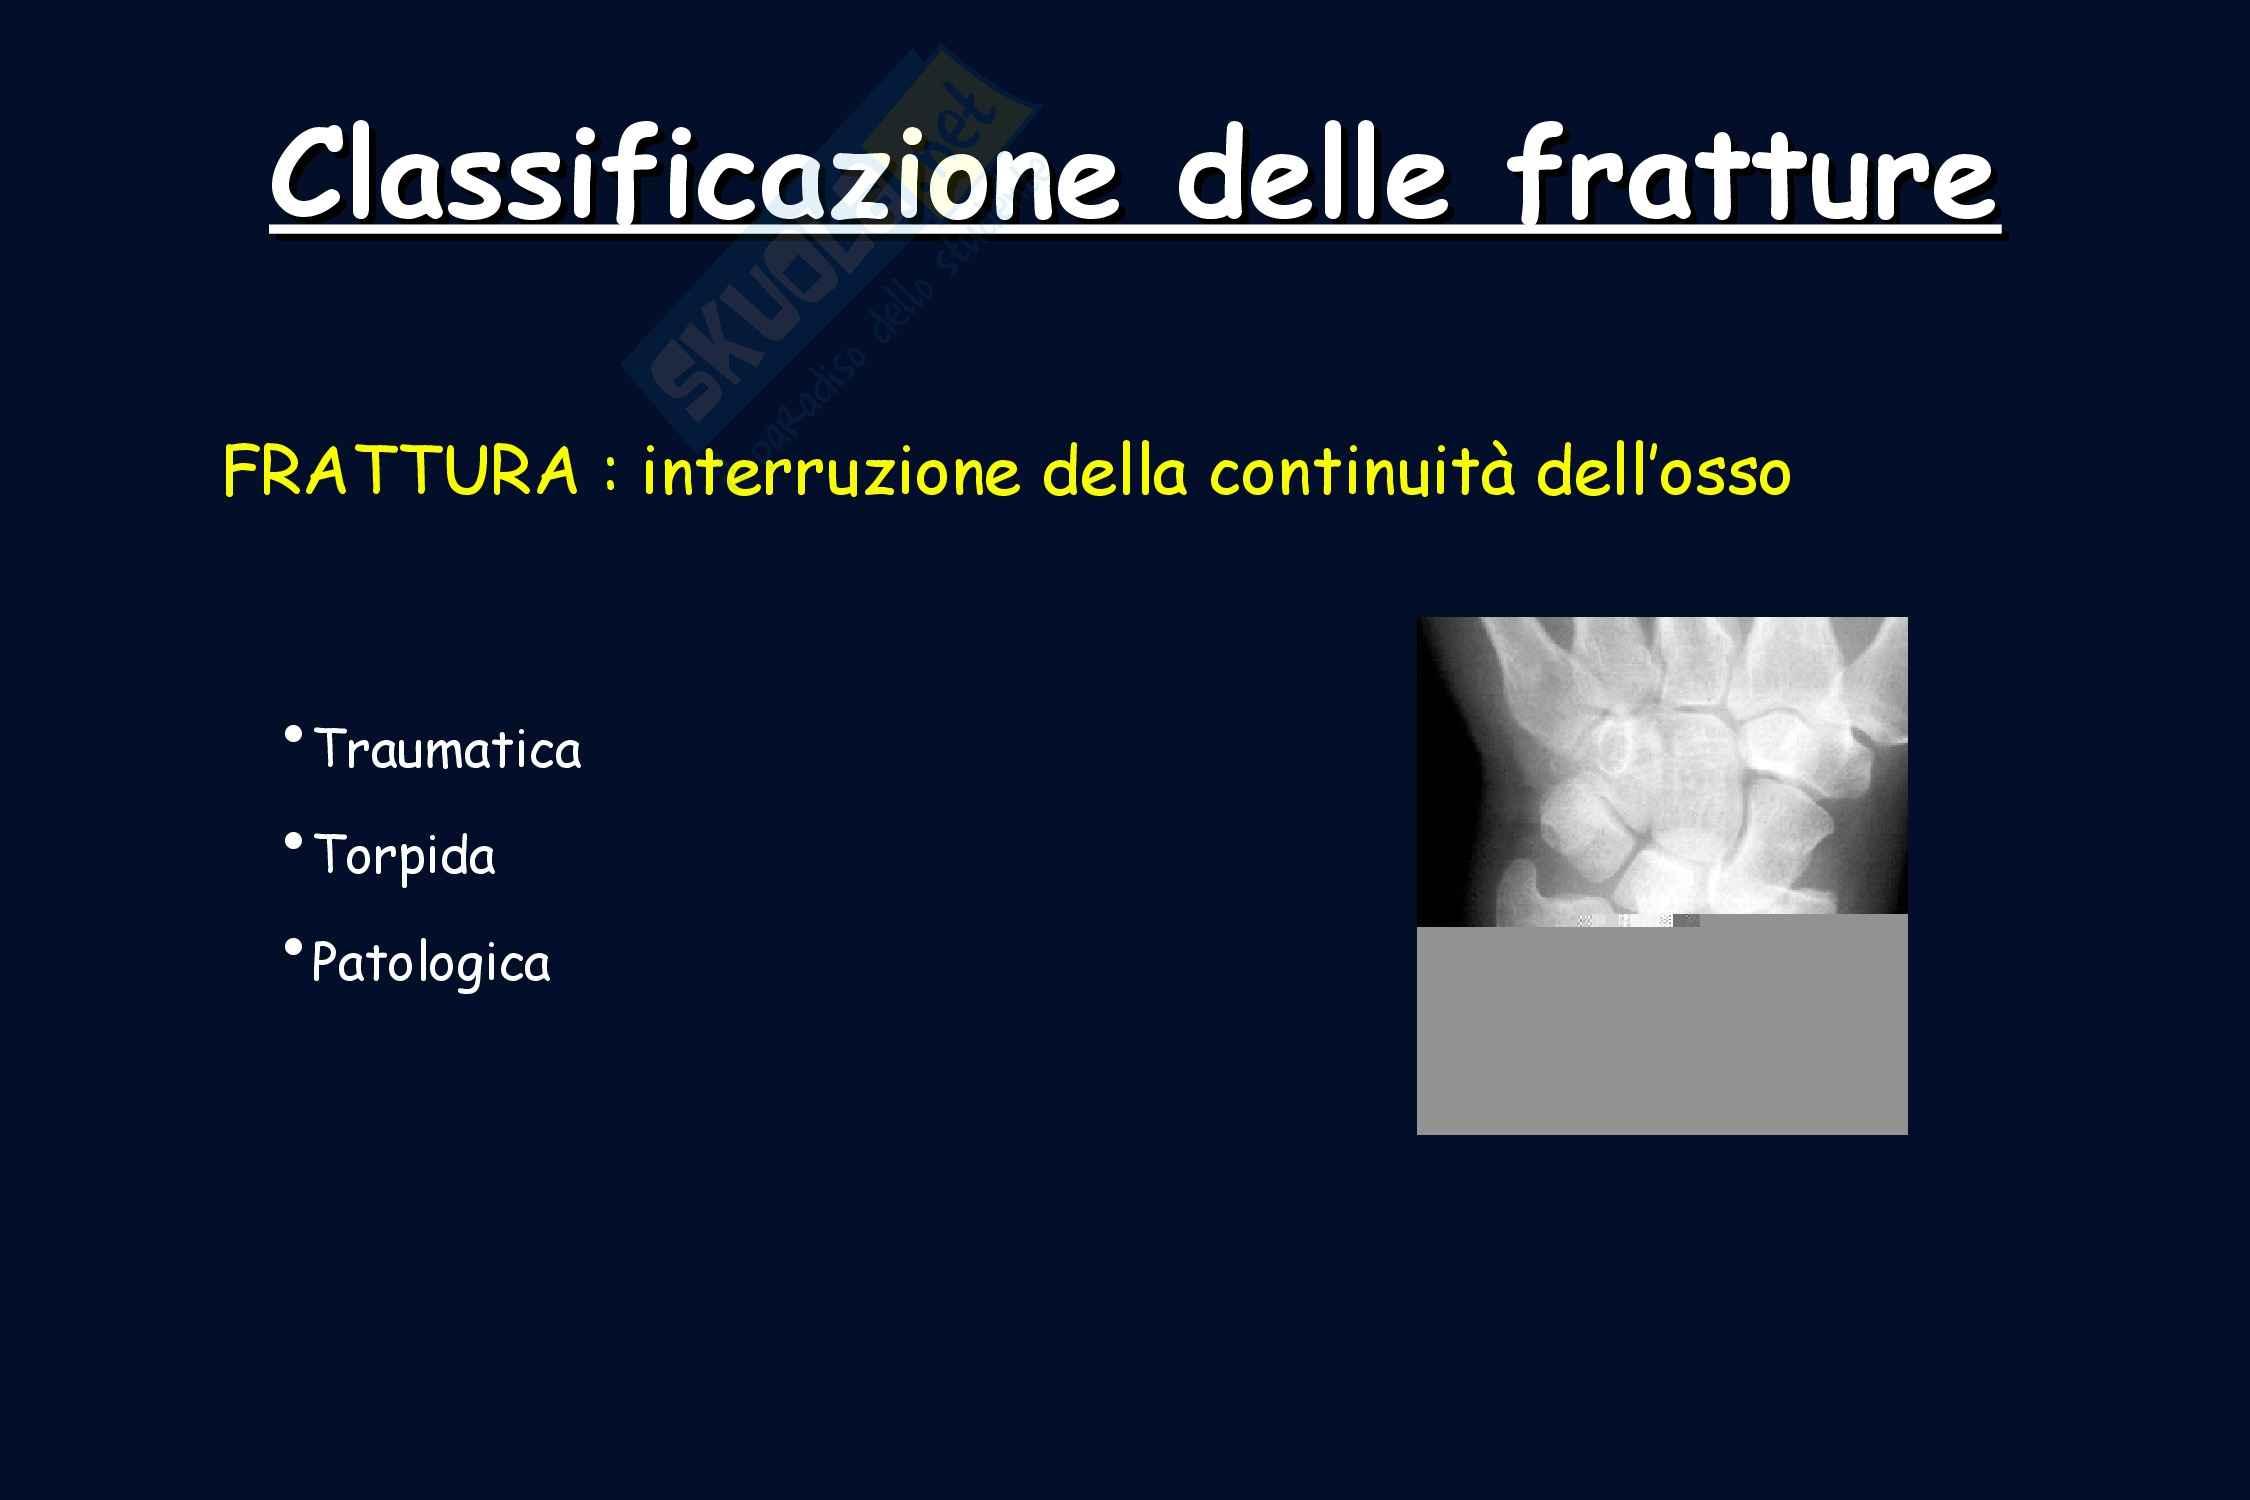 Ortopedia - Classificazione delle fratture